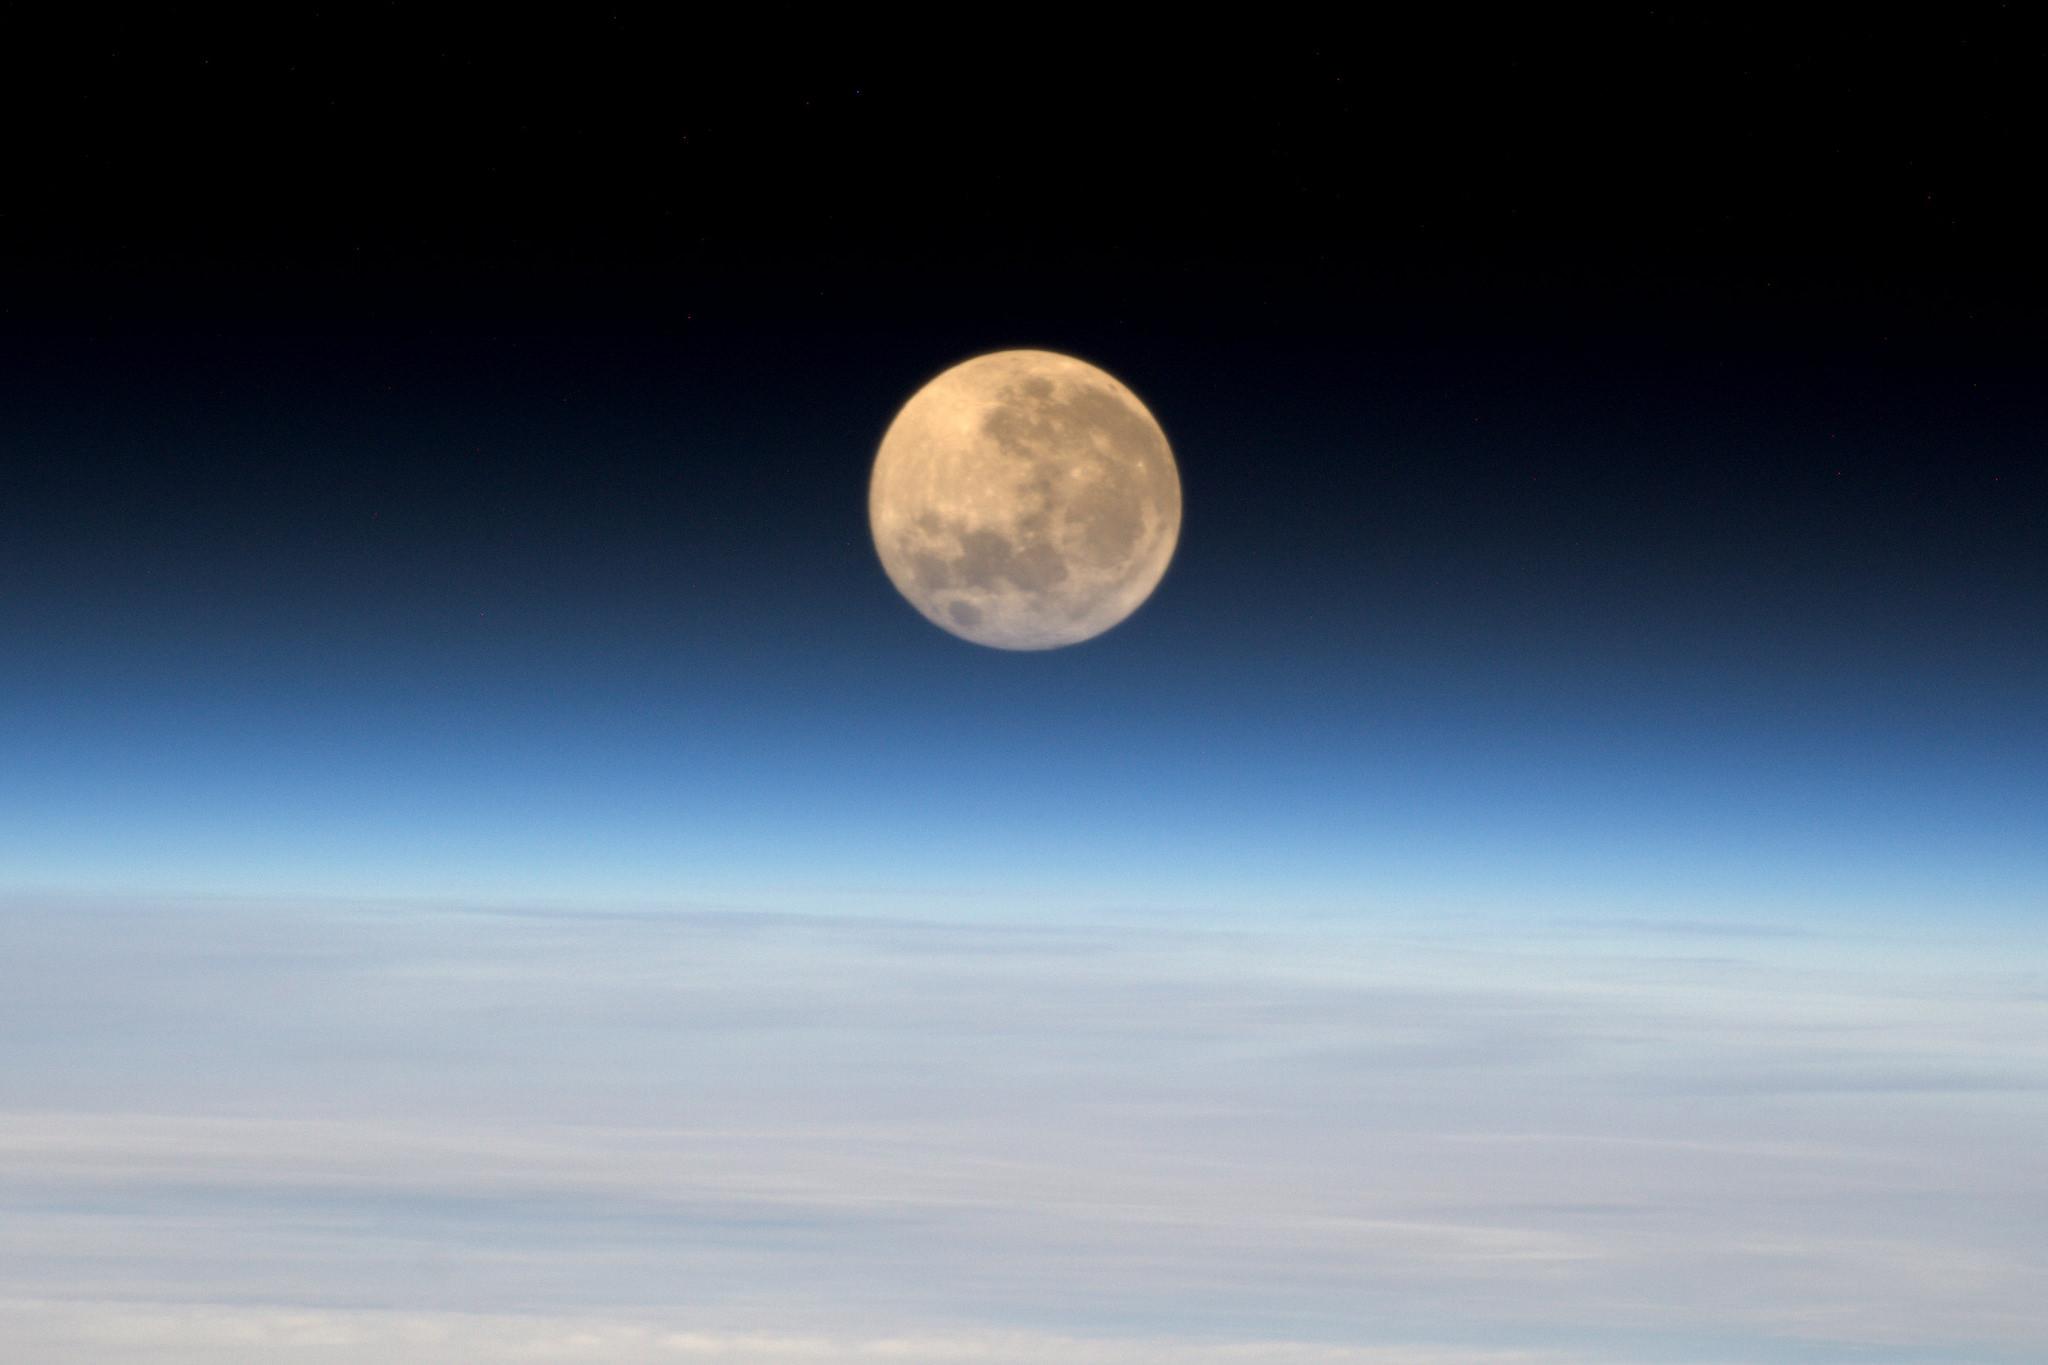 L'astronaute Pesquet photographie Marseille et le Vélodrome depuis l'espace